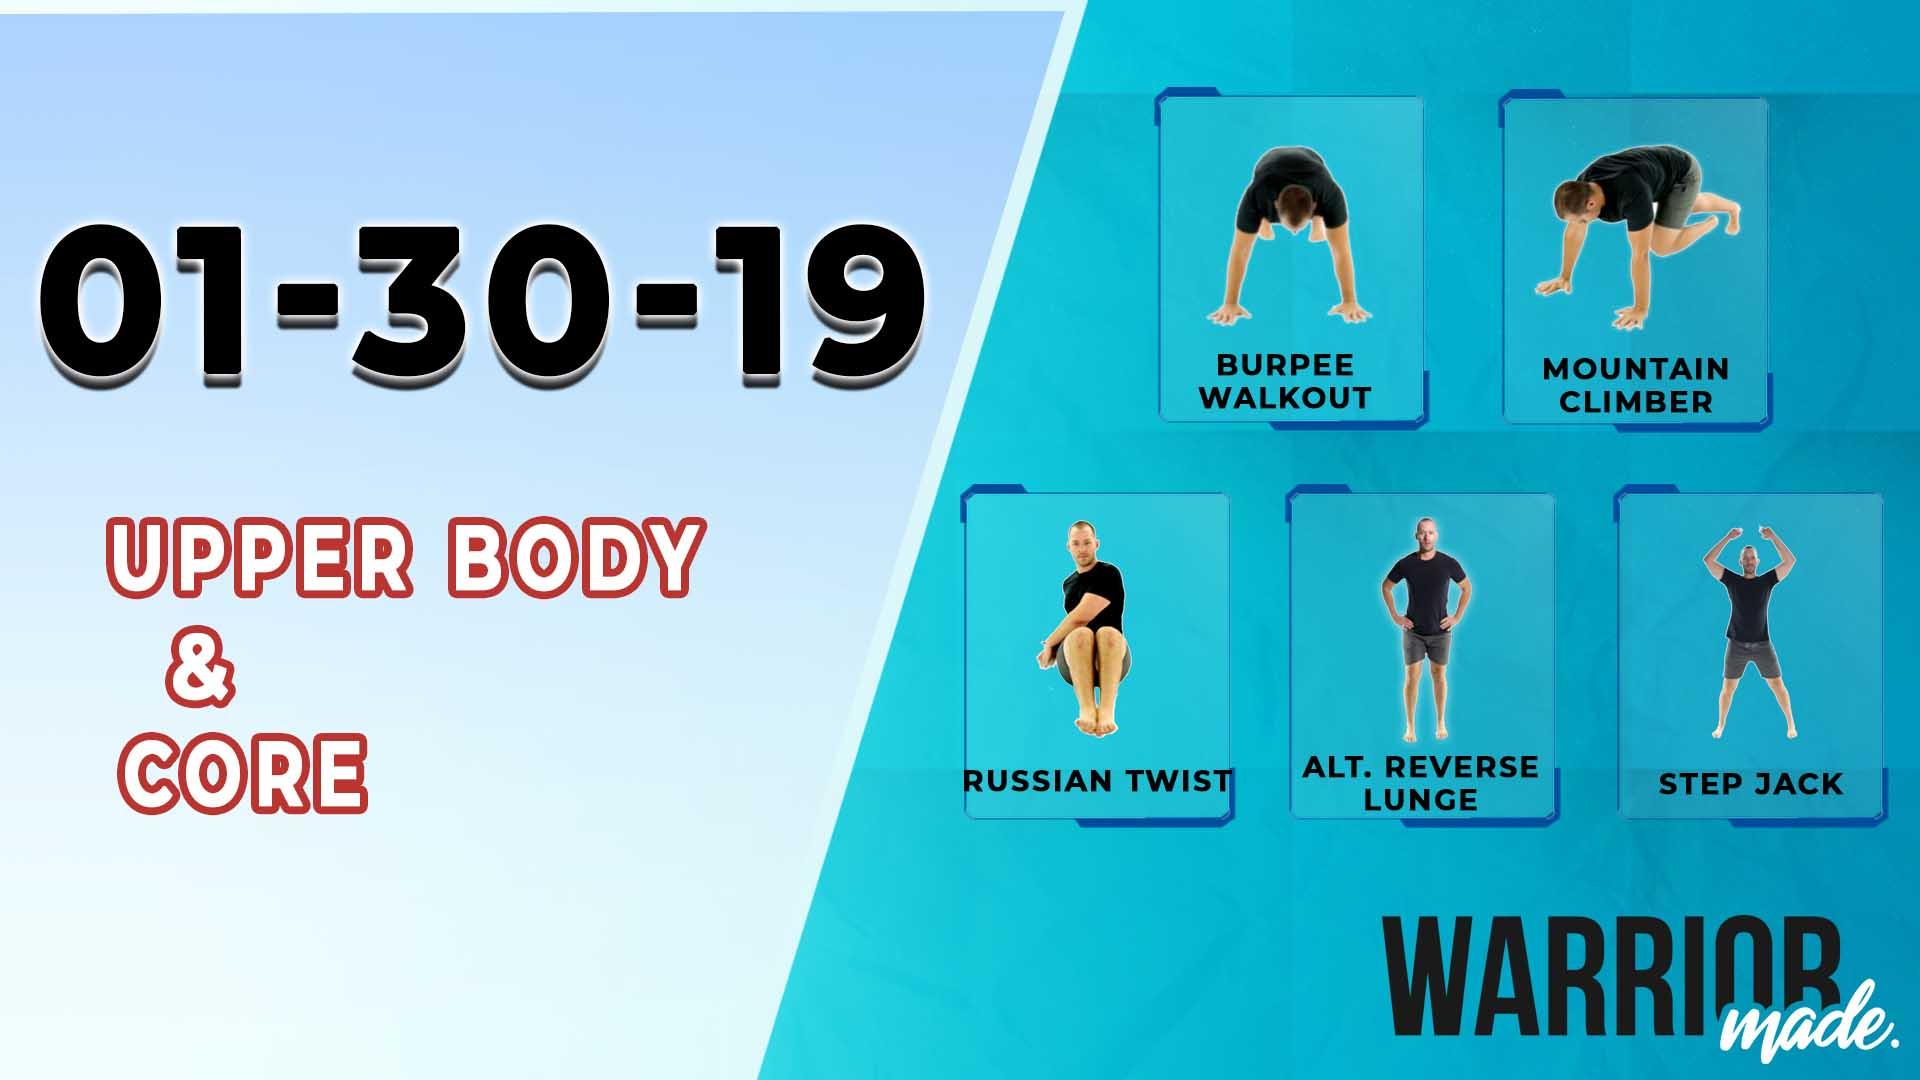 workouts-01-30-19